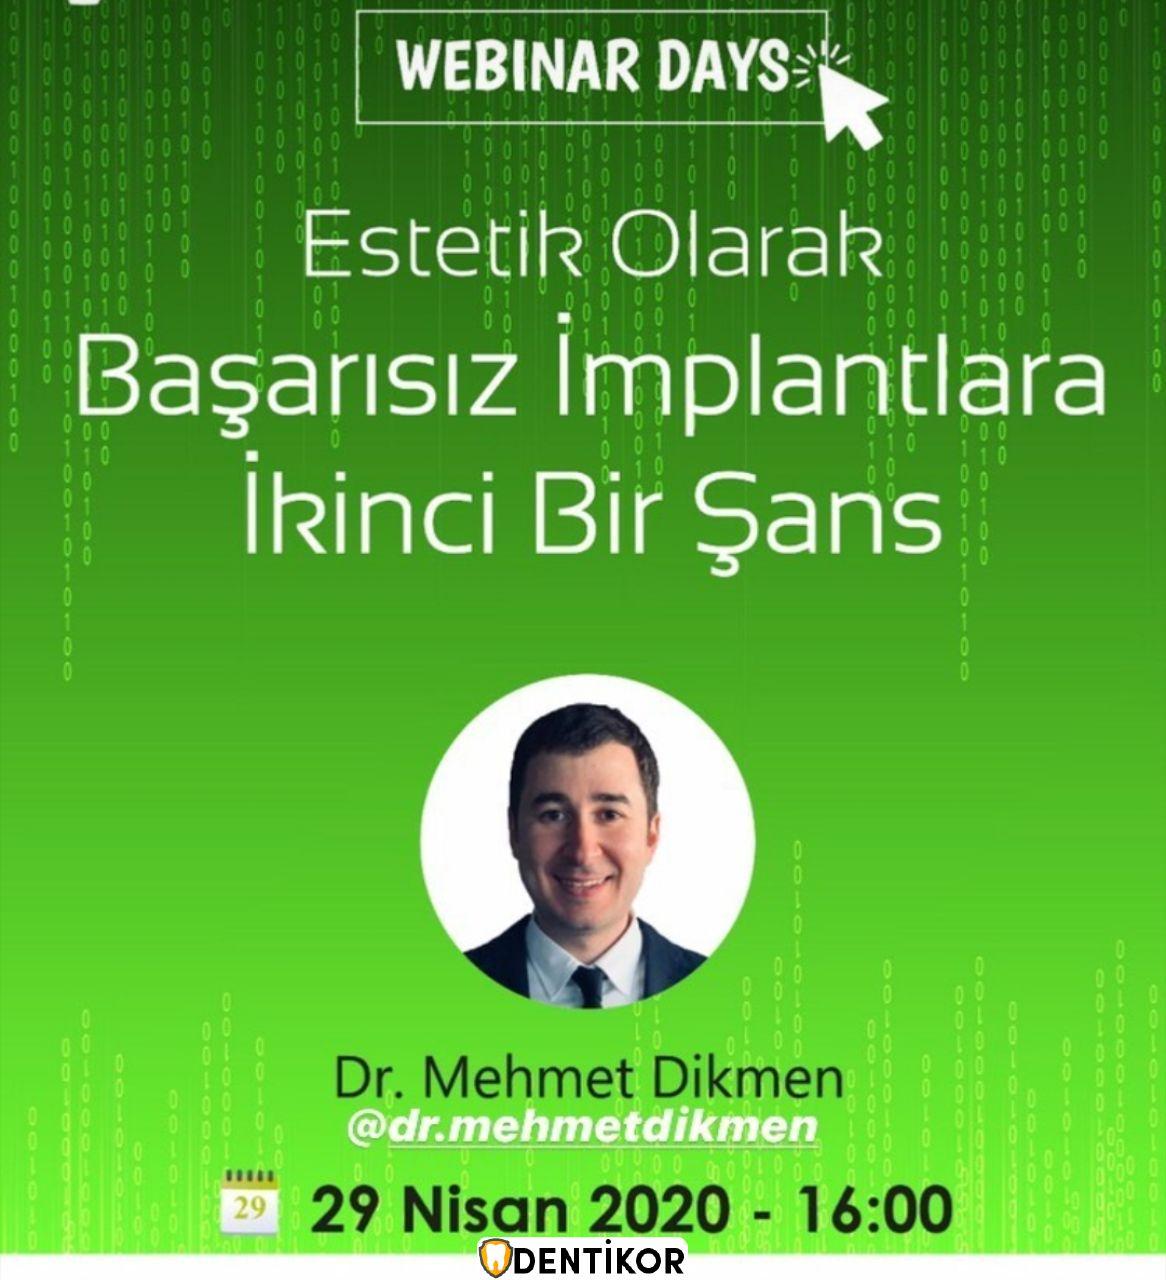 Dr. Mehmet Dikmen ile Estetik Olarak Başarısız Implantlara İkinci Bir Şans WEBİNAR - Eğitim ve Seminer